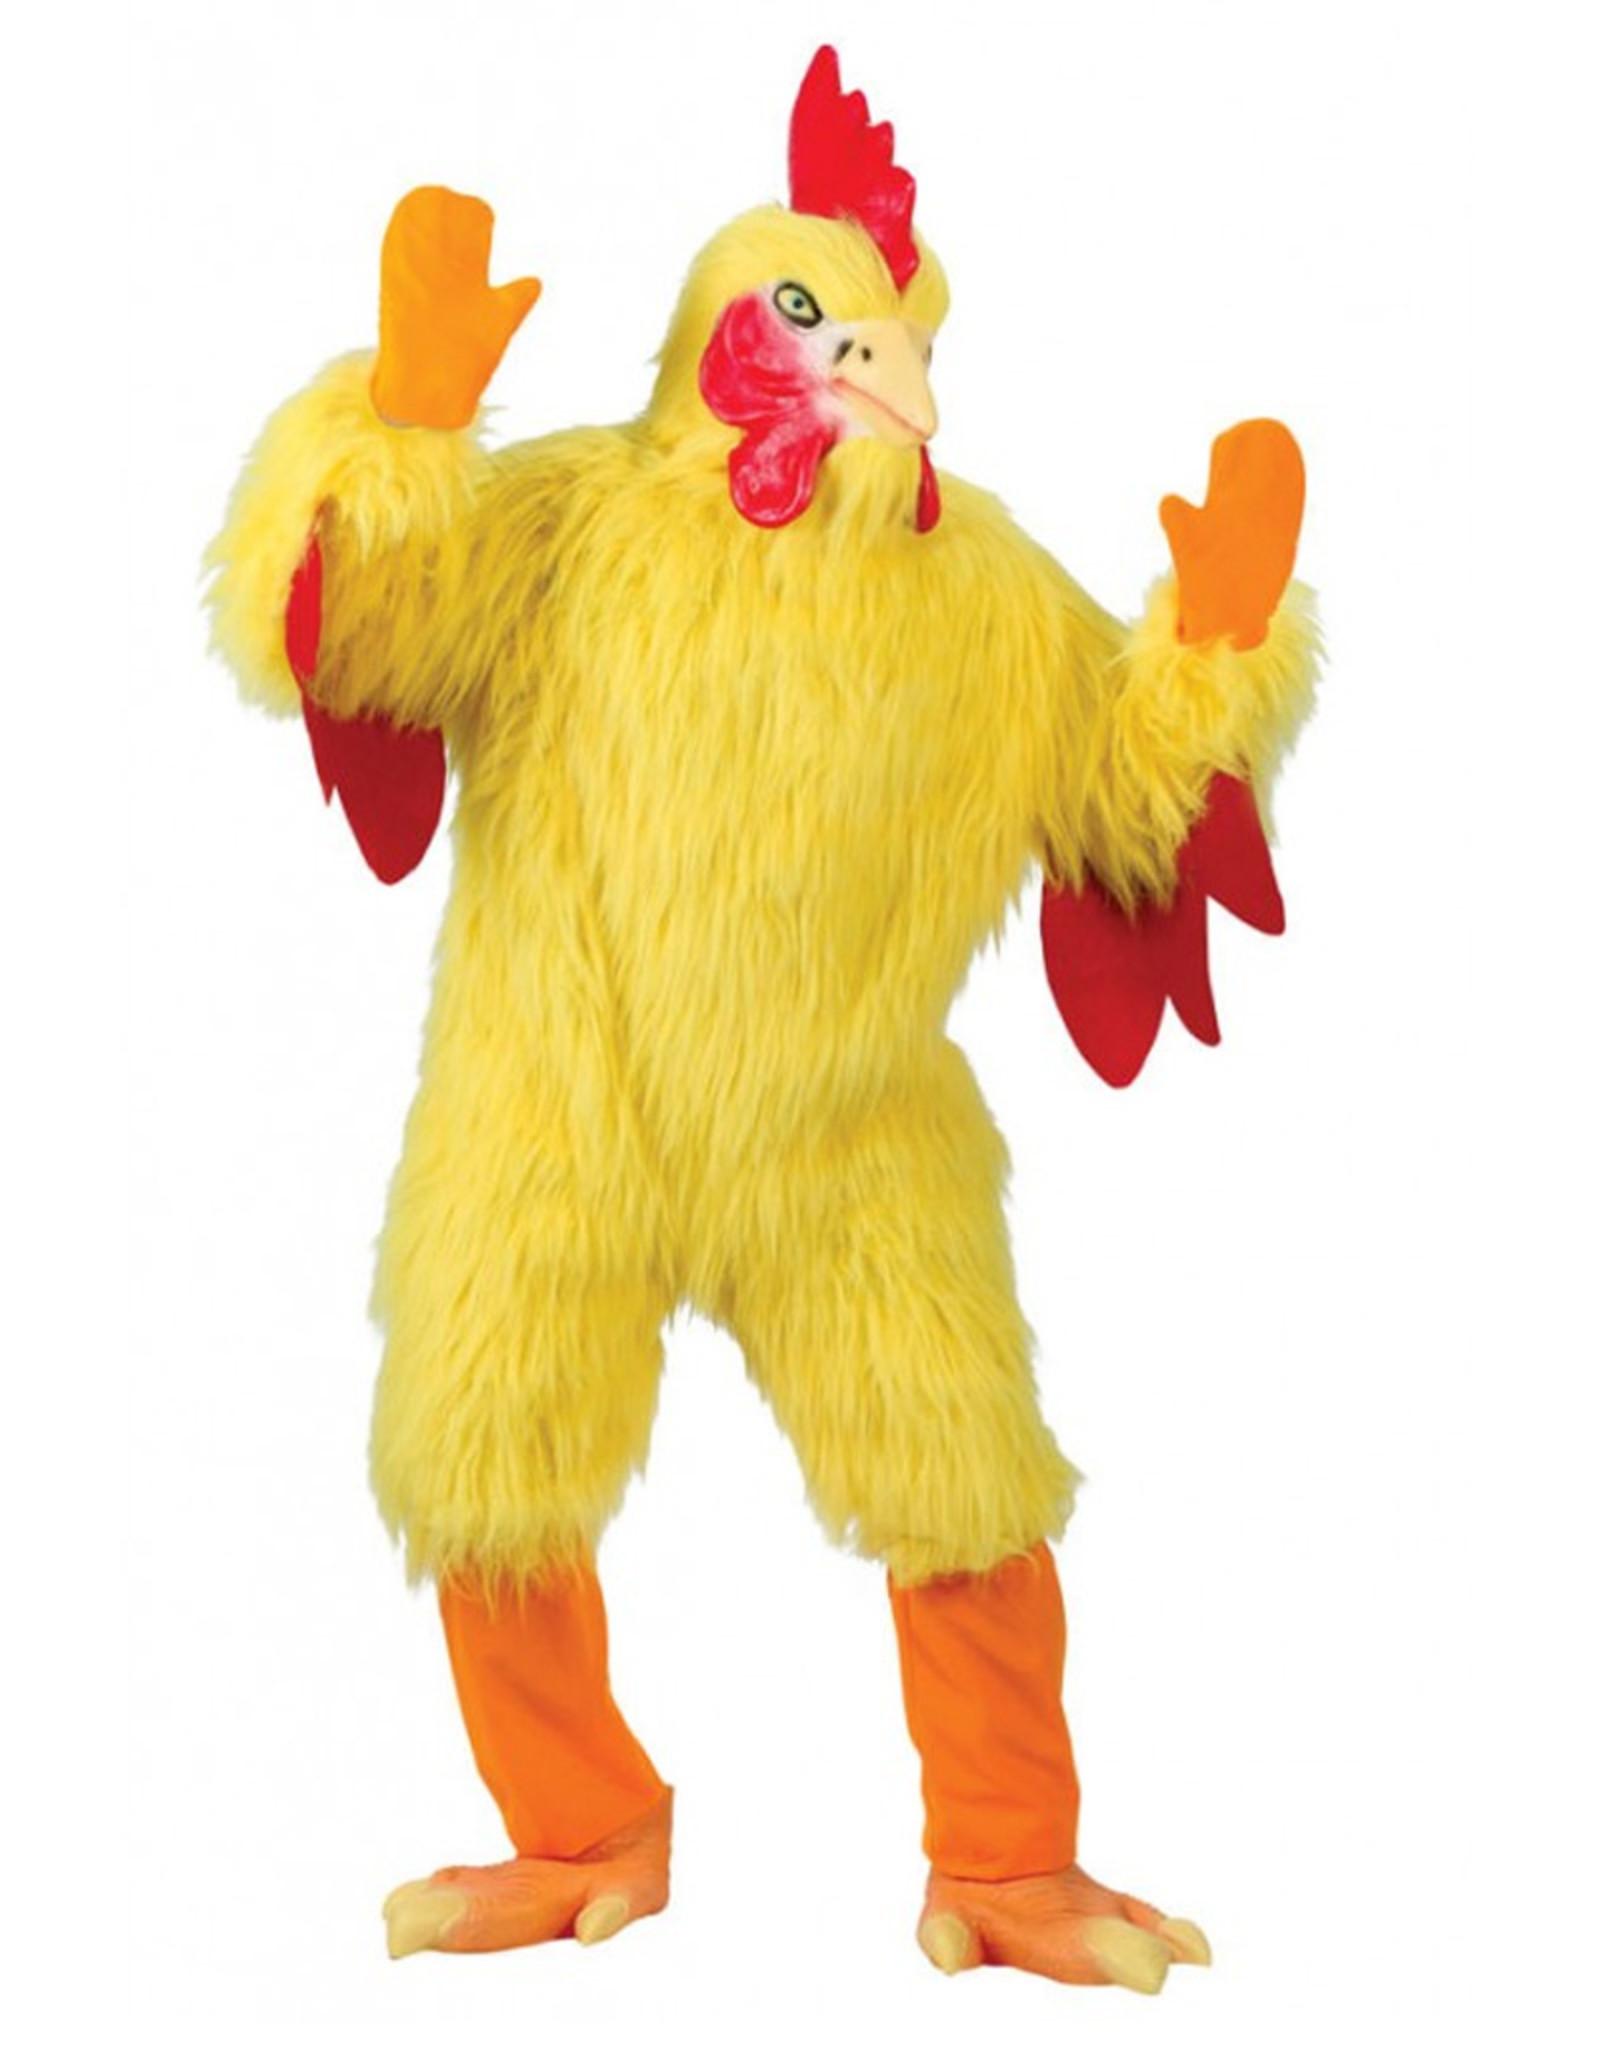 FUN WORLD Funny Chicken Costume - Humor